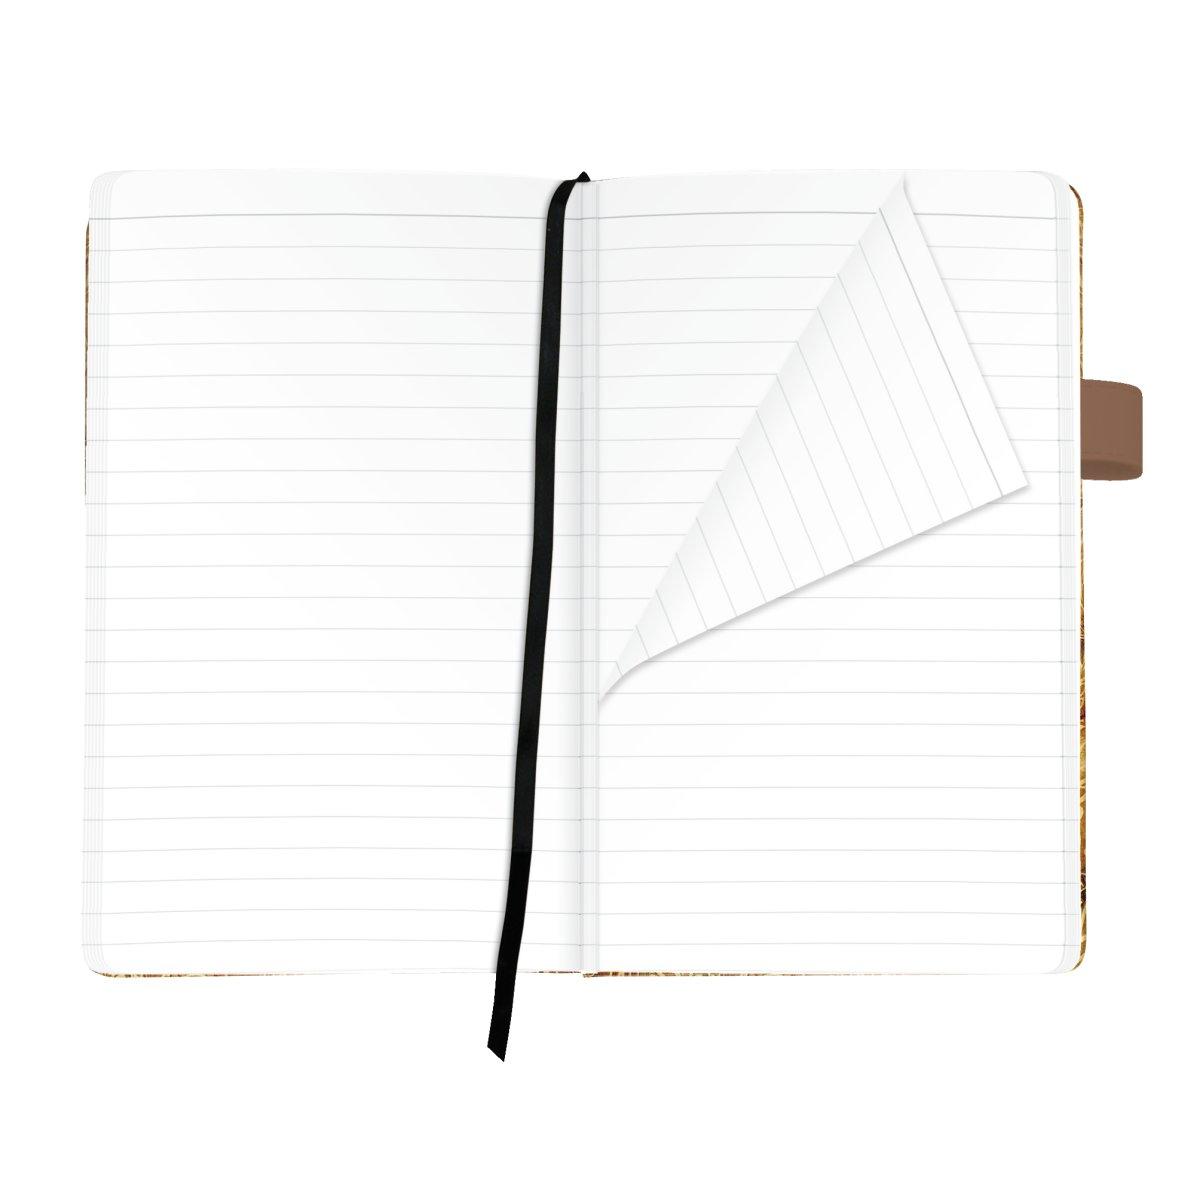 Herlitz 11369360 - Muster - Mehrfarbig - Weiß - A5 - 96 Blätter - 80 g/m² - Liniertes Papier